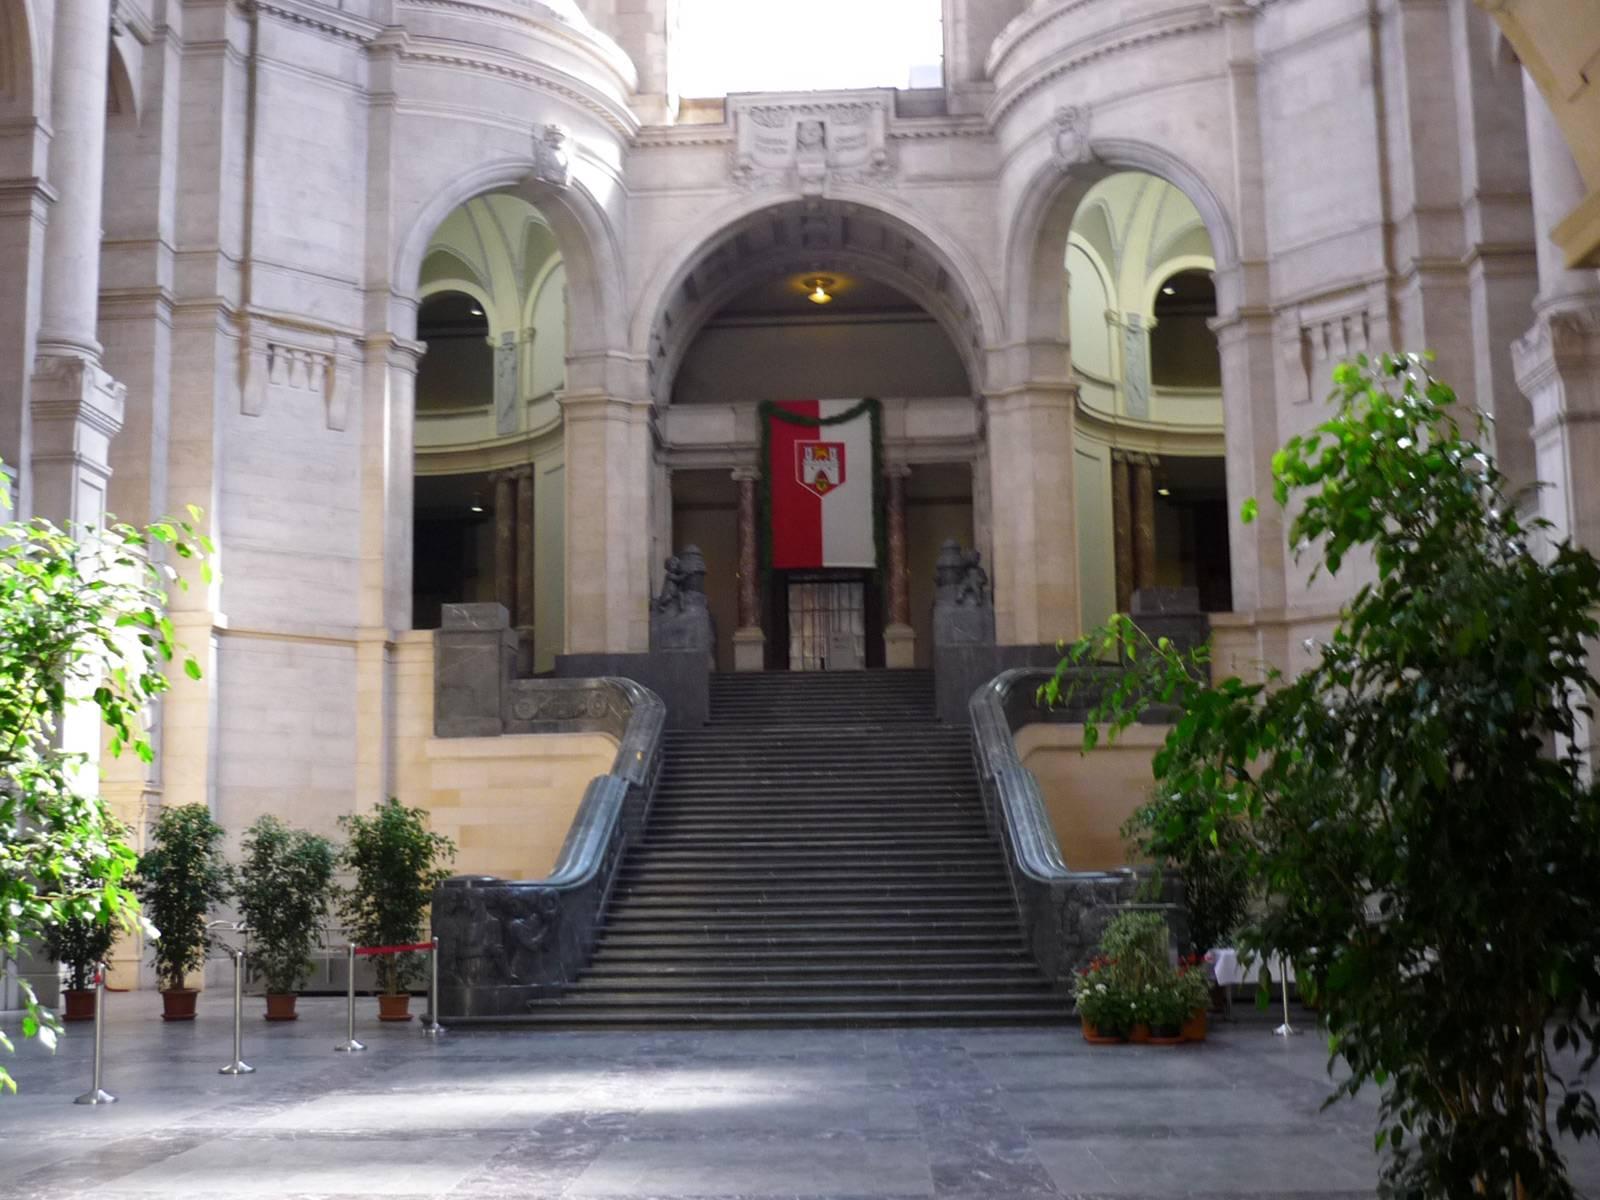 Mit Pflanzen festlich geschmückte Rathaushalle